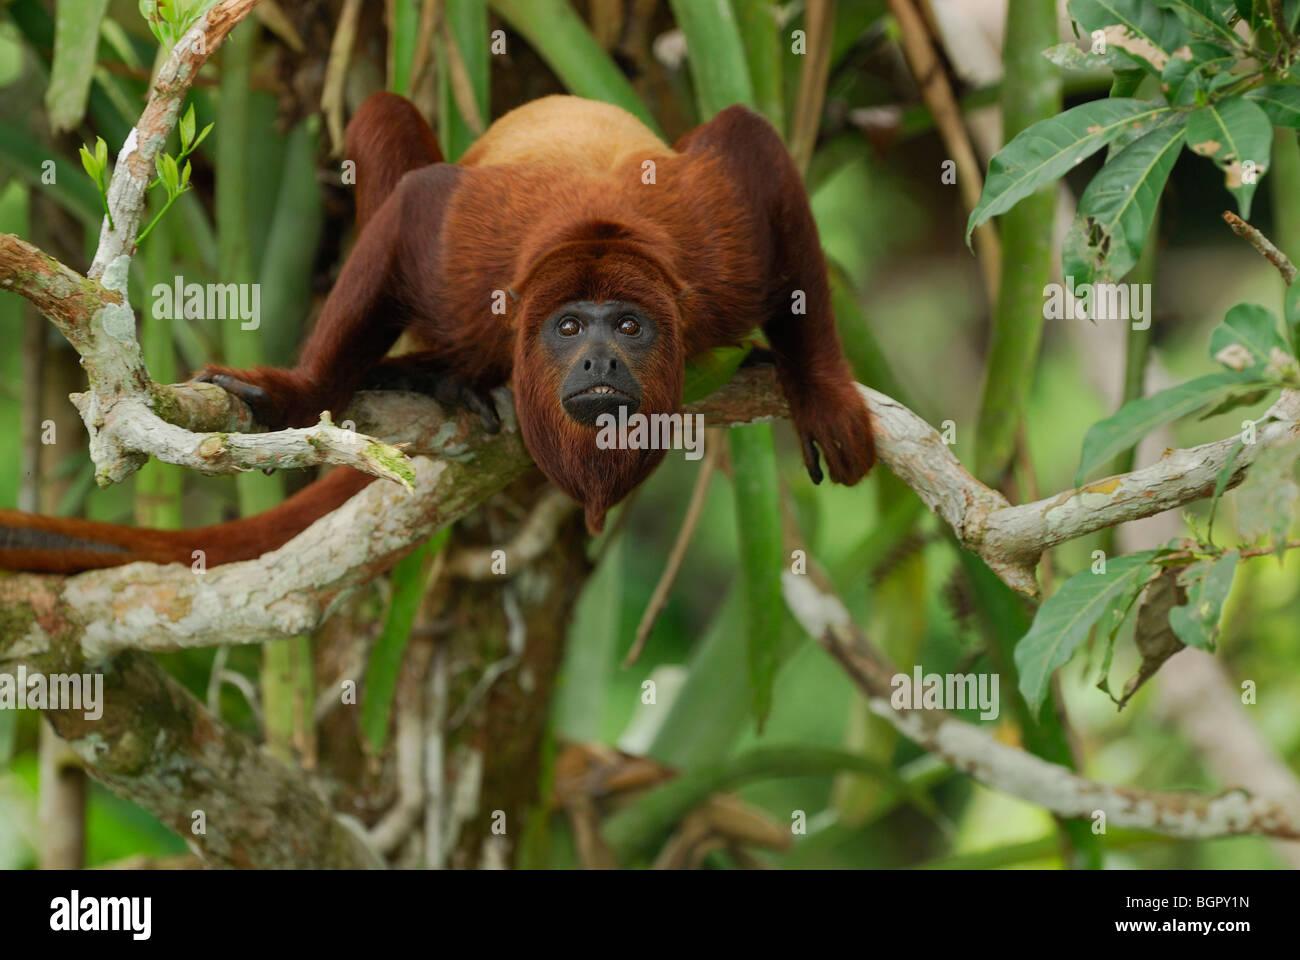 Red scimmia urlatrice (Alouatta Alouatta), Adulto, Iquitos, Perù Immagini Stock